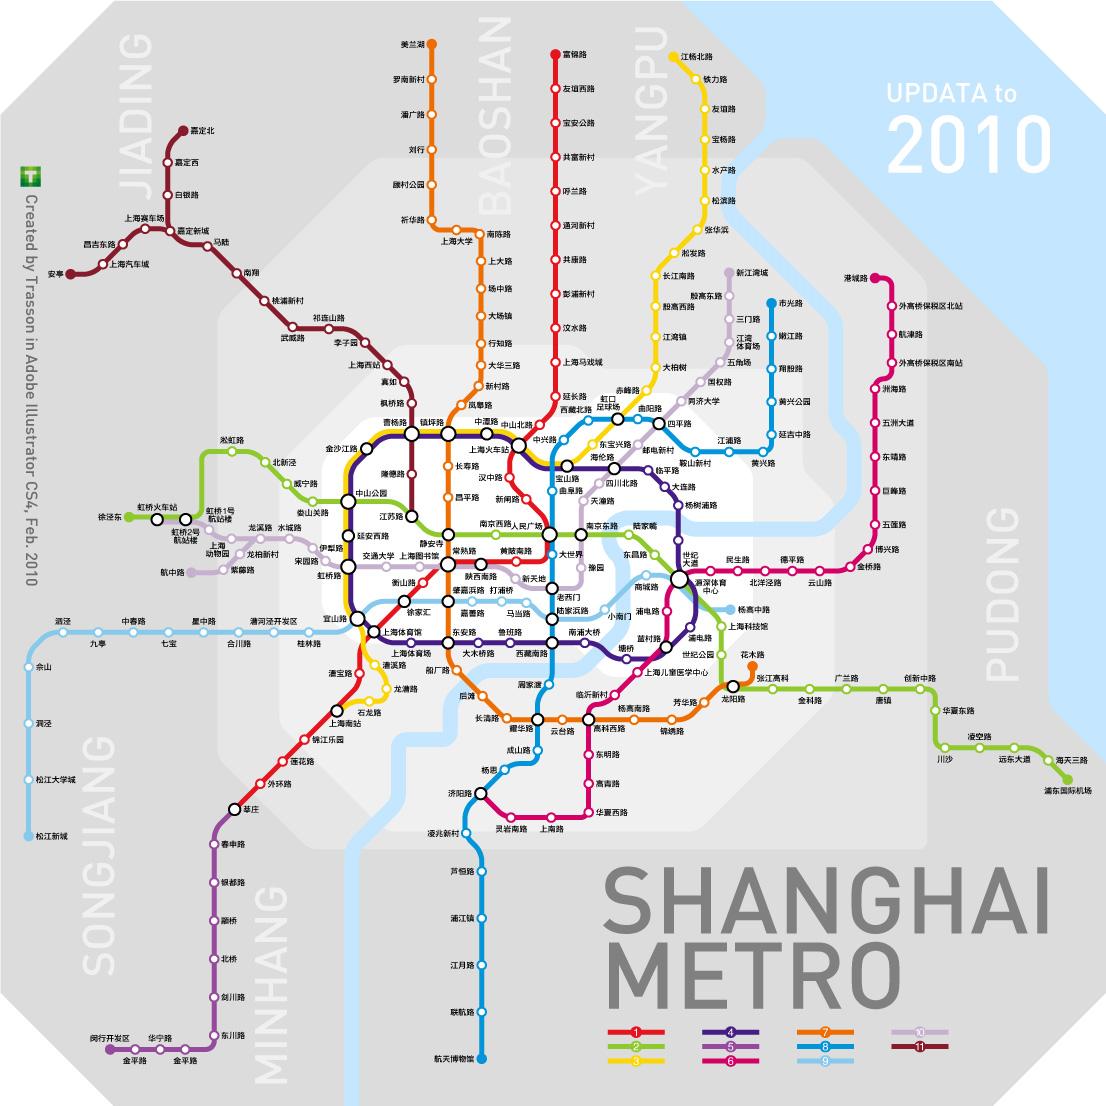 上海金山铁路线路图